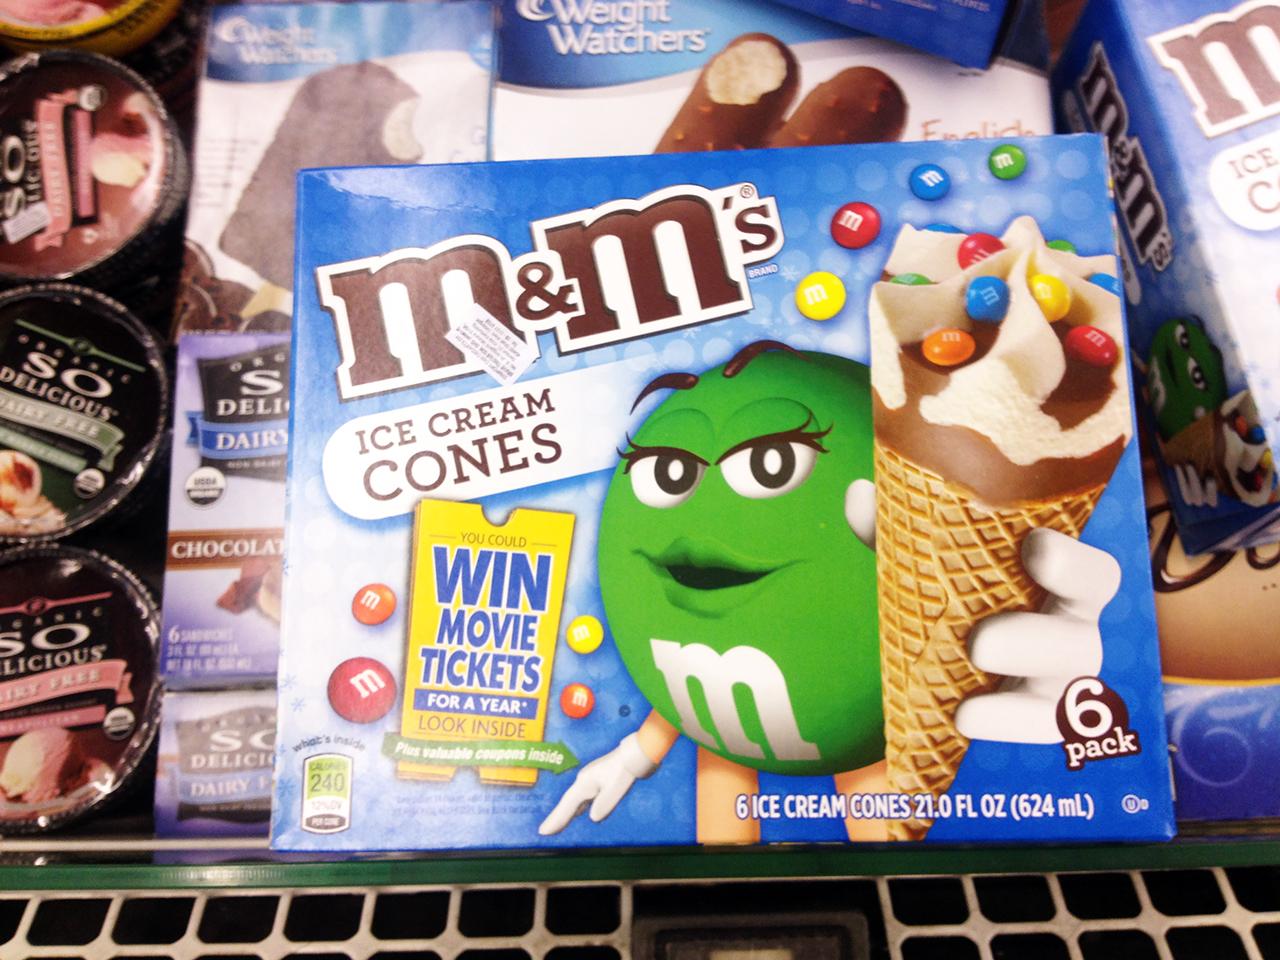 Подборка забавных азиатских продуктов: мороженое М&М's